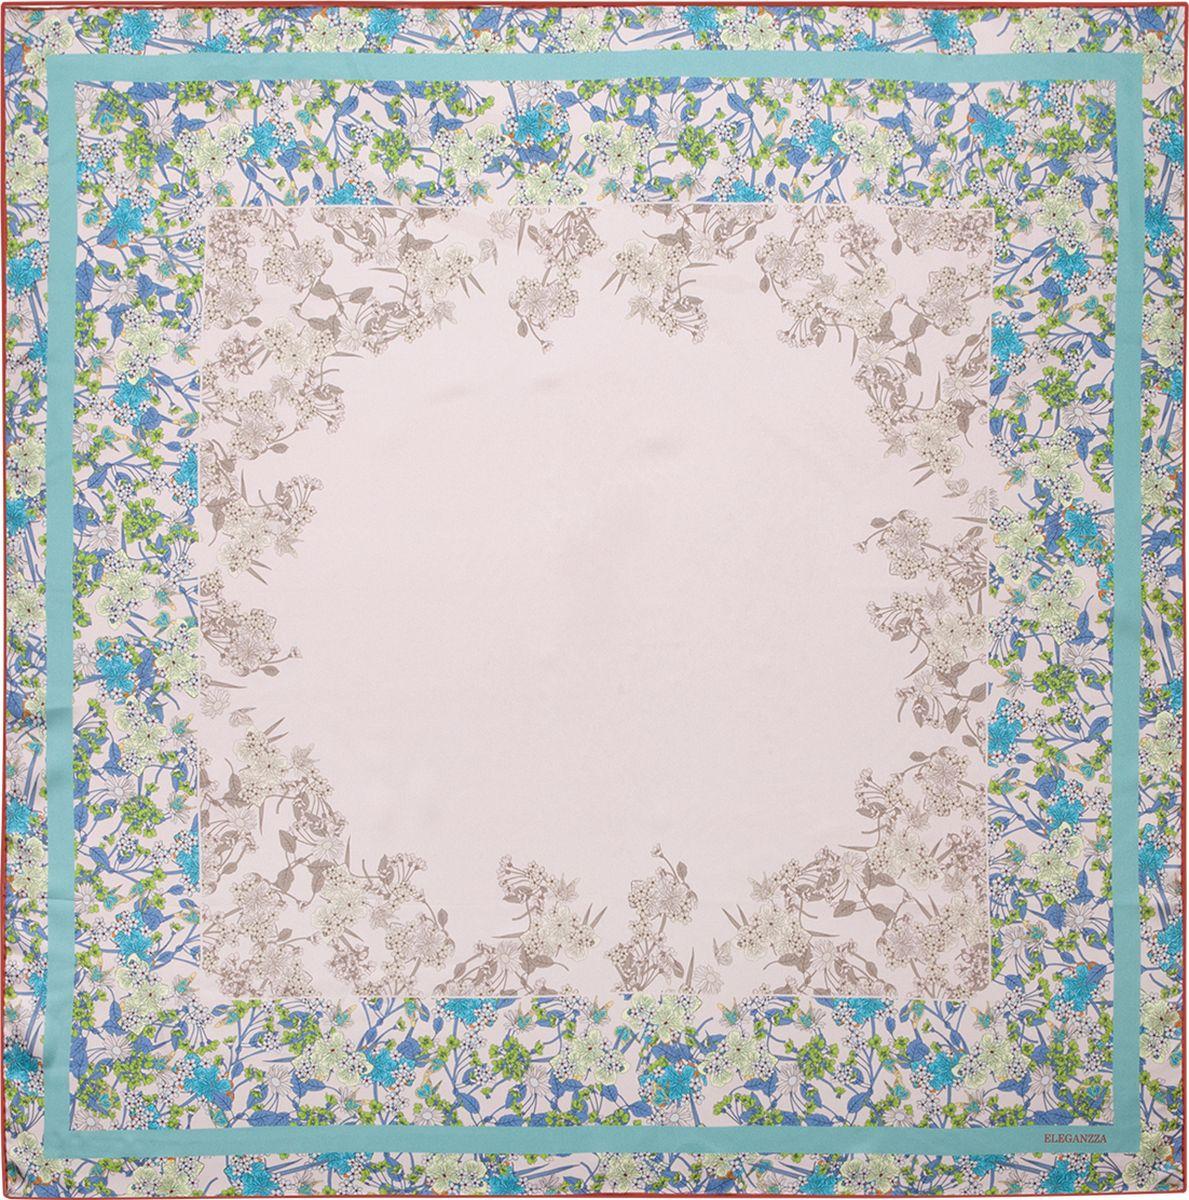 Платок женский Eleganzza, цвет: голубой, серый. E04-7093. Размер 90 см х 90 смE04-7093Платок Eleganzza, выполненный из шелка, идеально дополнит образ современной женщины. Модель оформлена принтом. Классическая квадратная форма позволяет носить платок на шее, украшать им прическу или декорировать сумочку. С таким замечательным аксессуаром вы всегда будете выглядеть женственно и привлекательно.